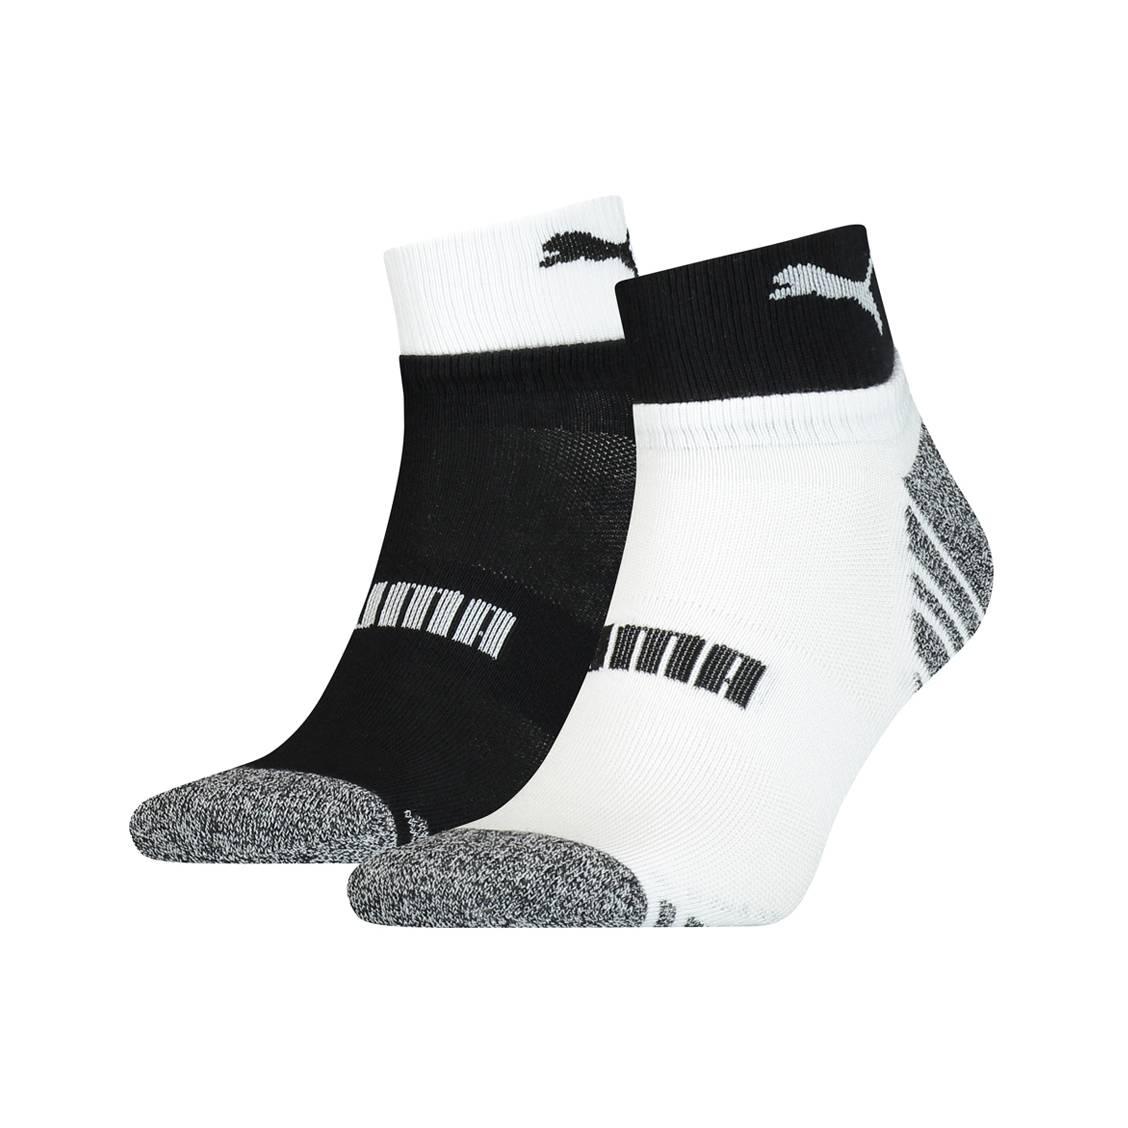 Lot de 2 paires de chaussettes Puma en coton mélangé stretch noir et blanc | Rue Des Hommes